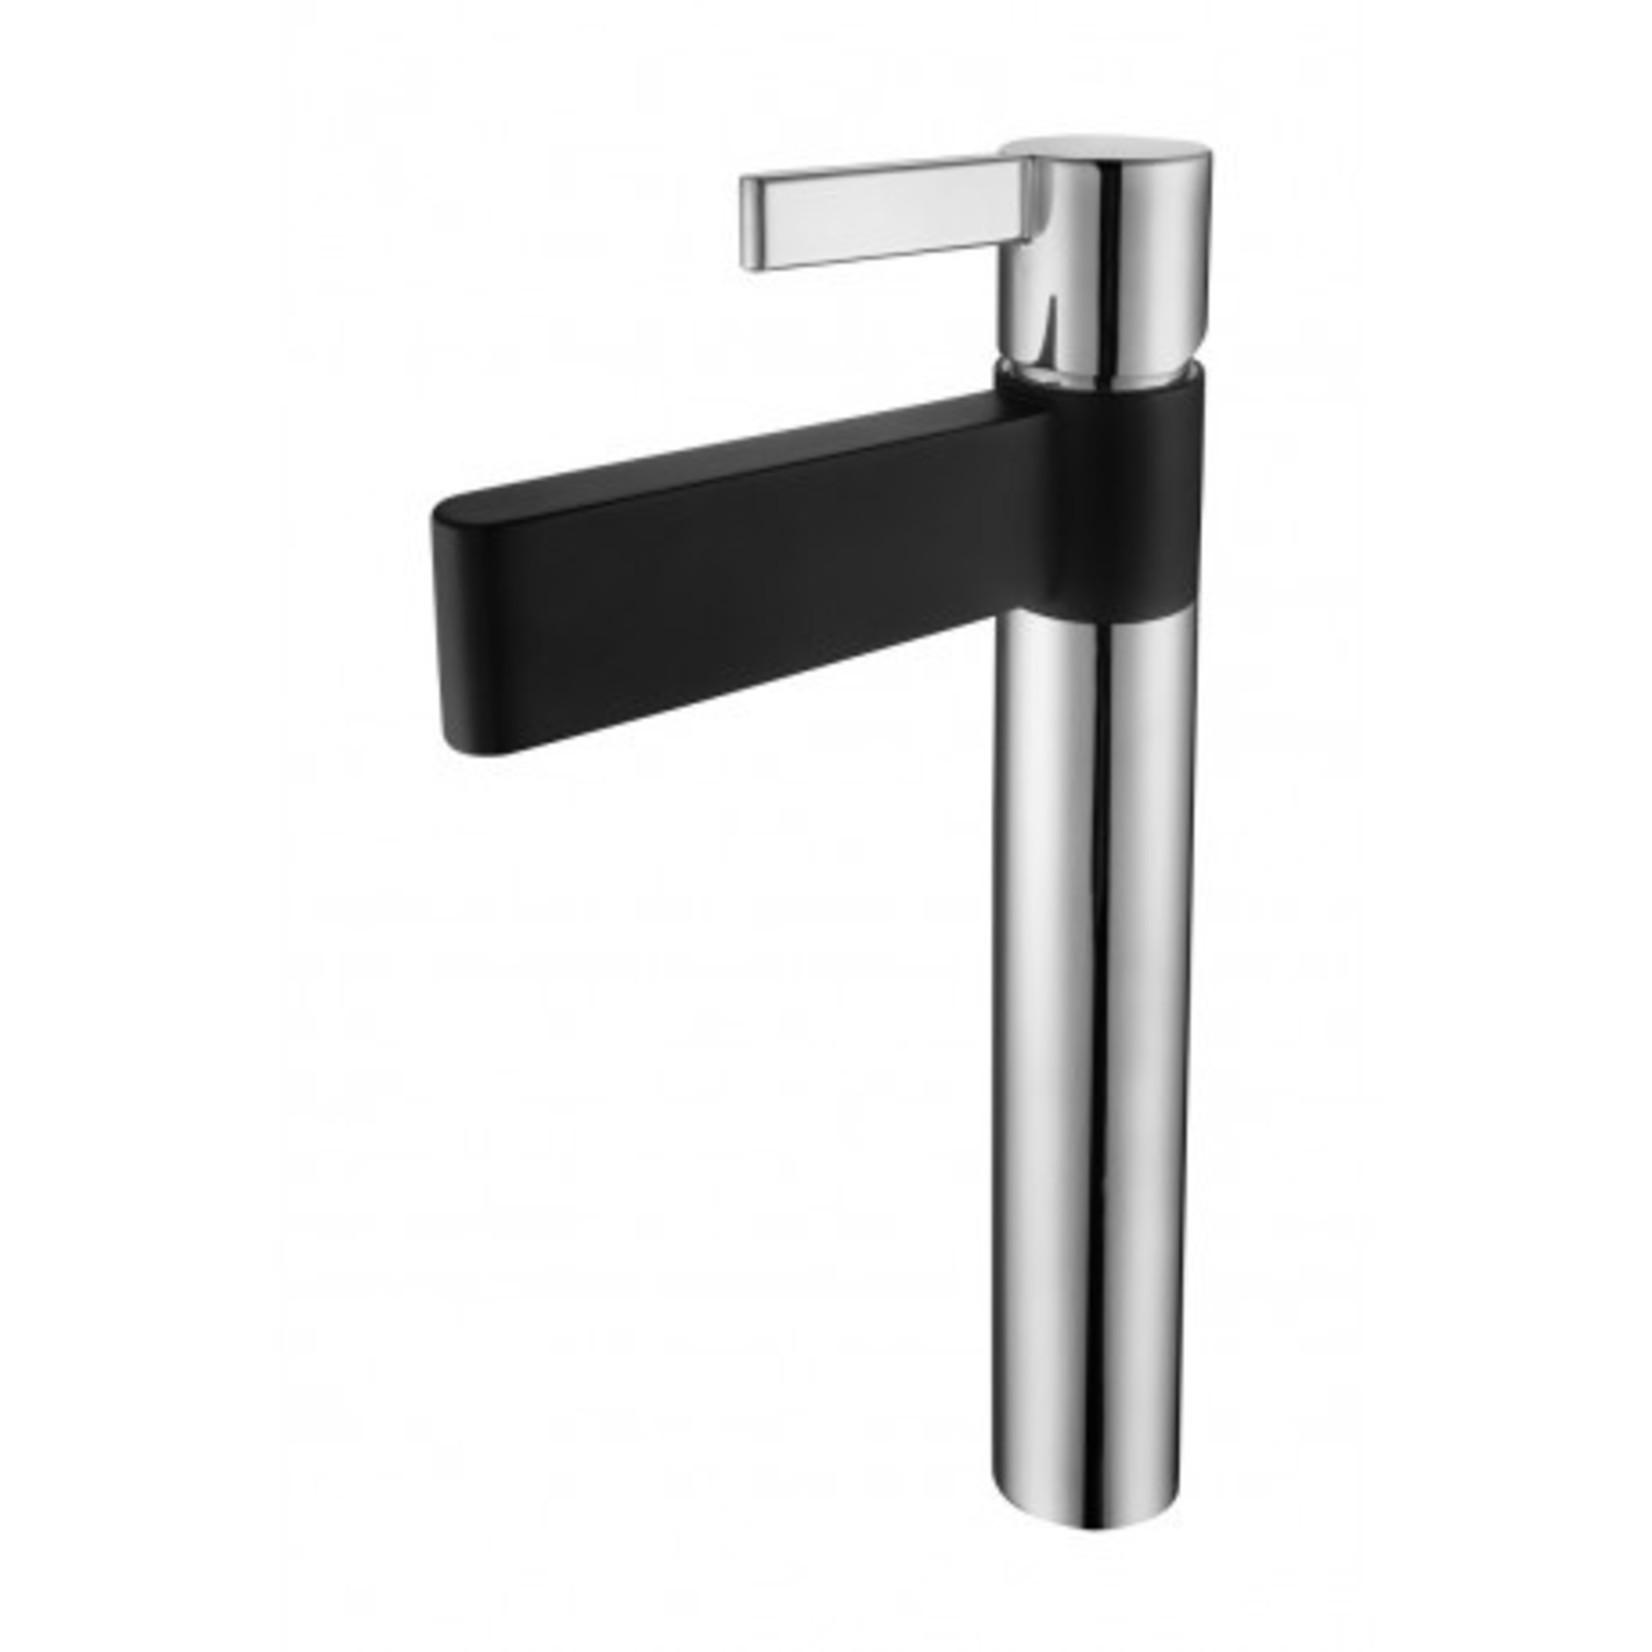 Robinet pour vasque 2512 Chrome/Noir